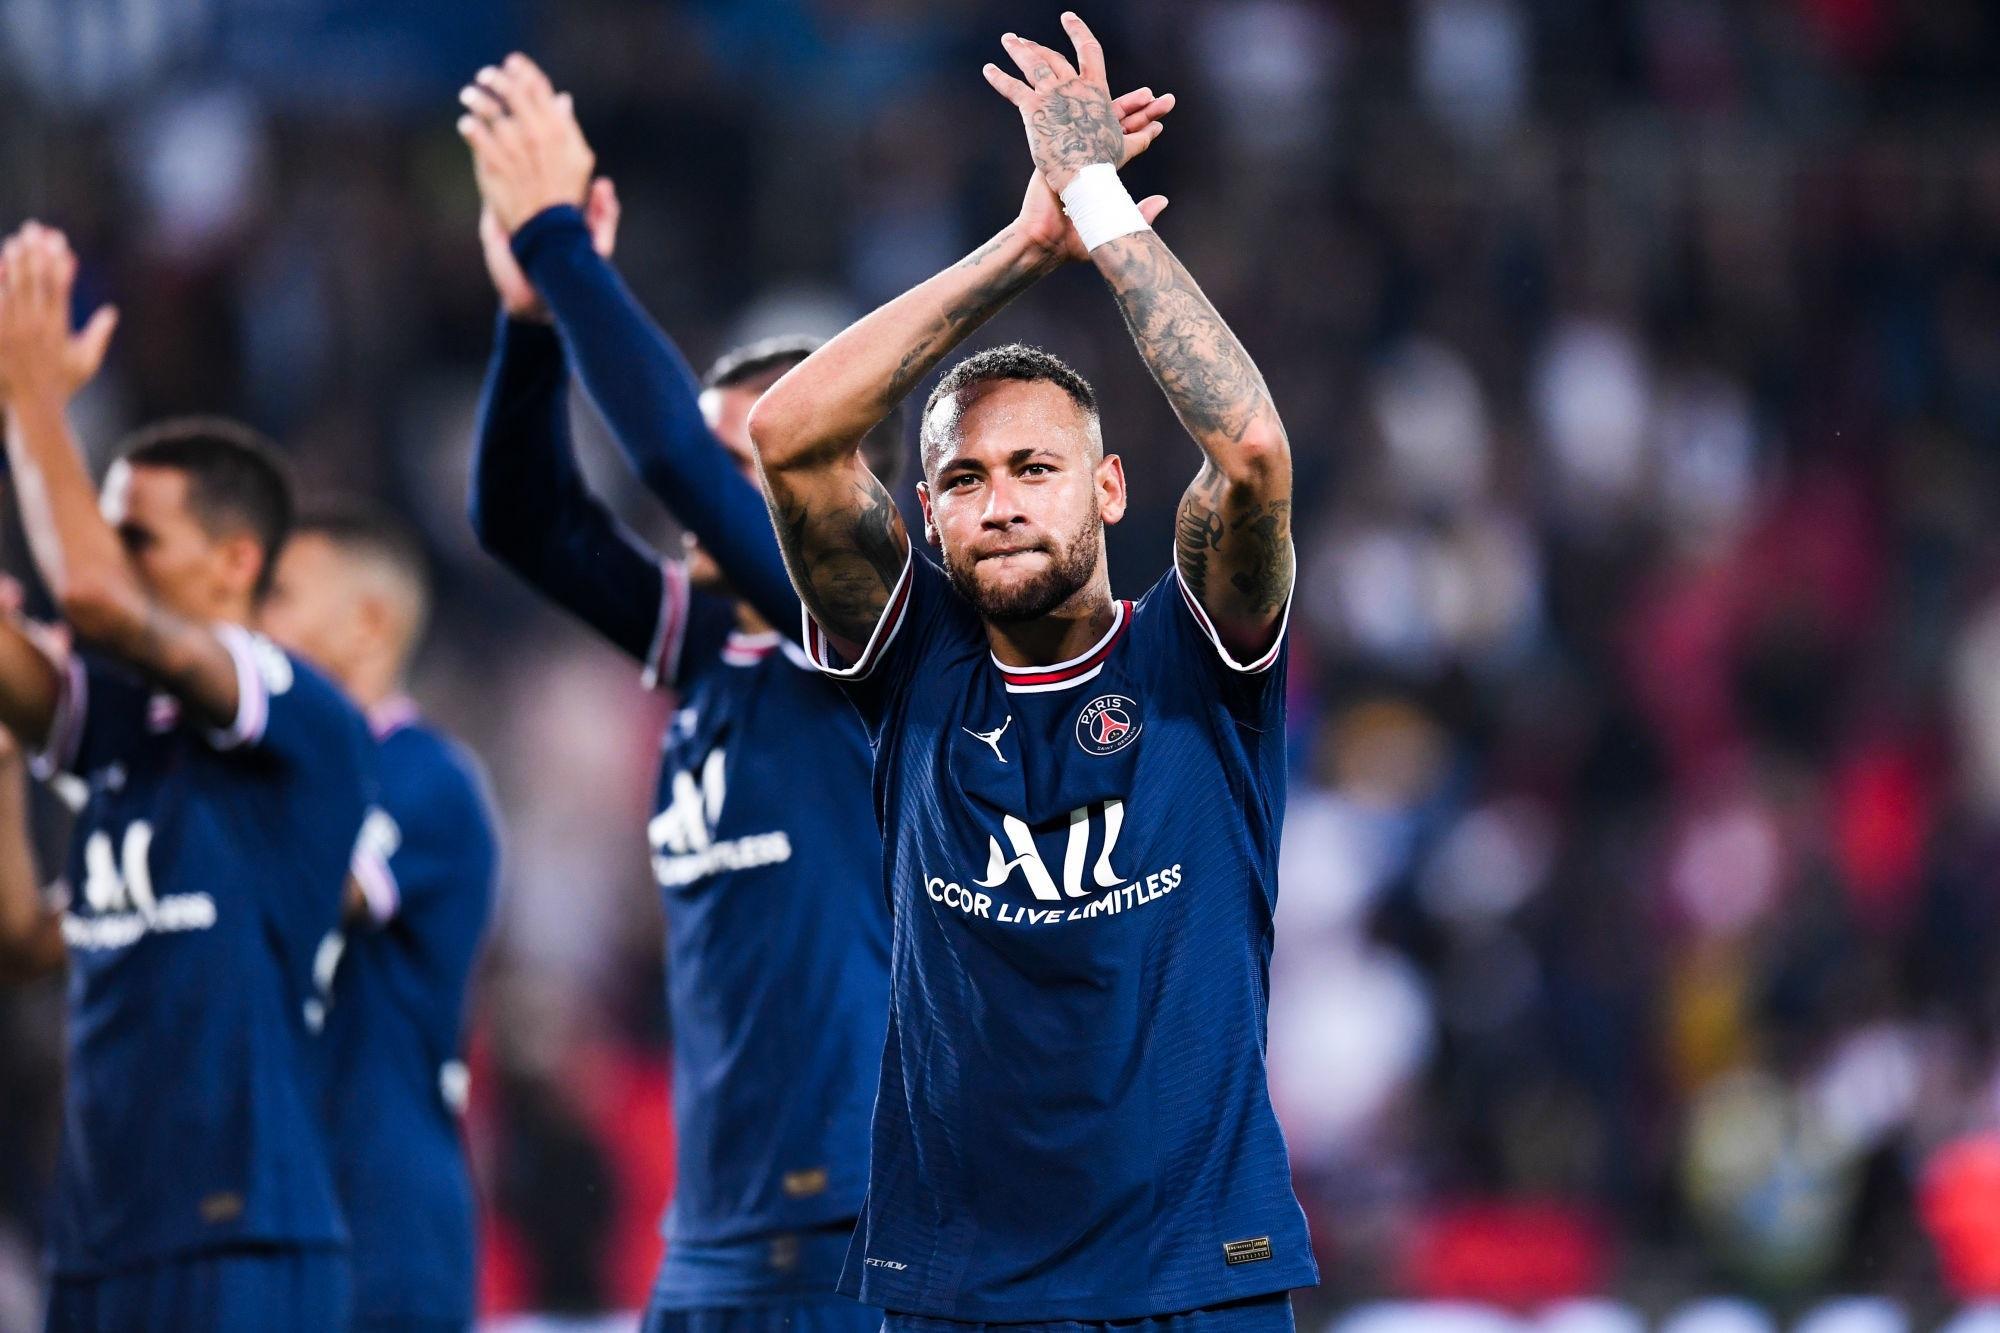 """PSG/Lyon - Neymar est """"très heureux d'avoir pu décrocher la victoire devant nos supporters"""""""